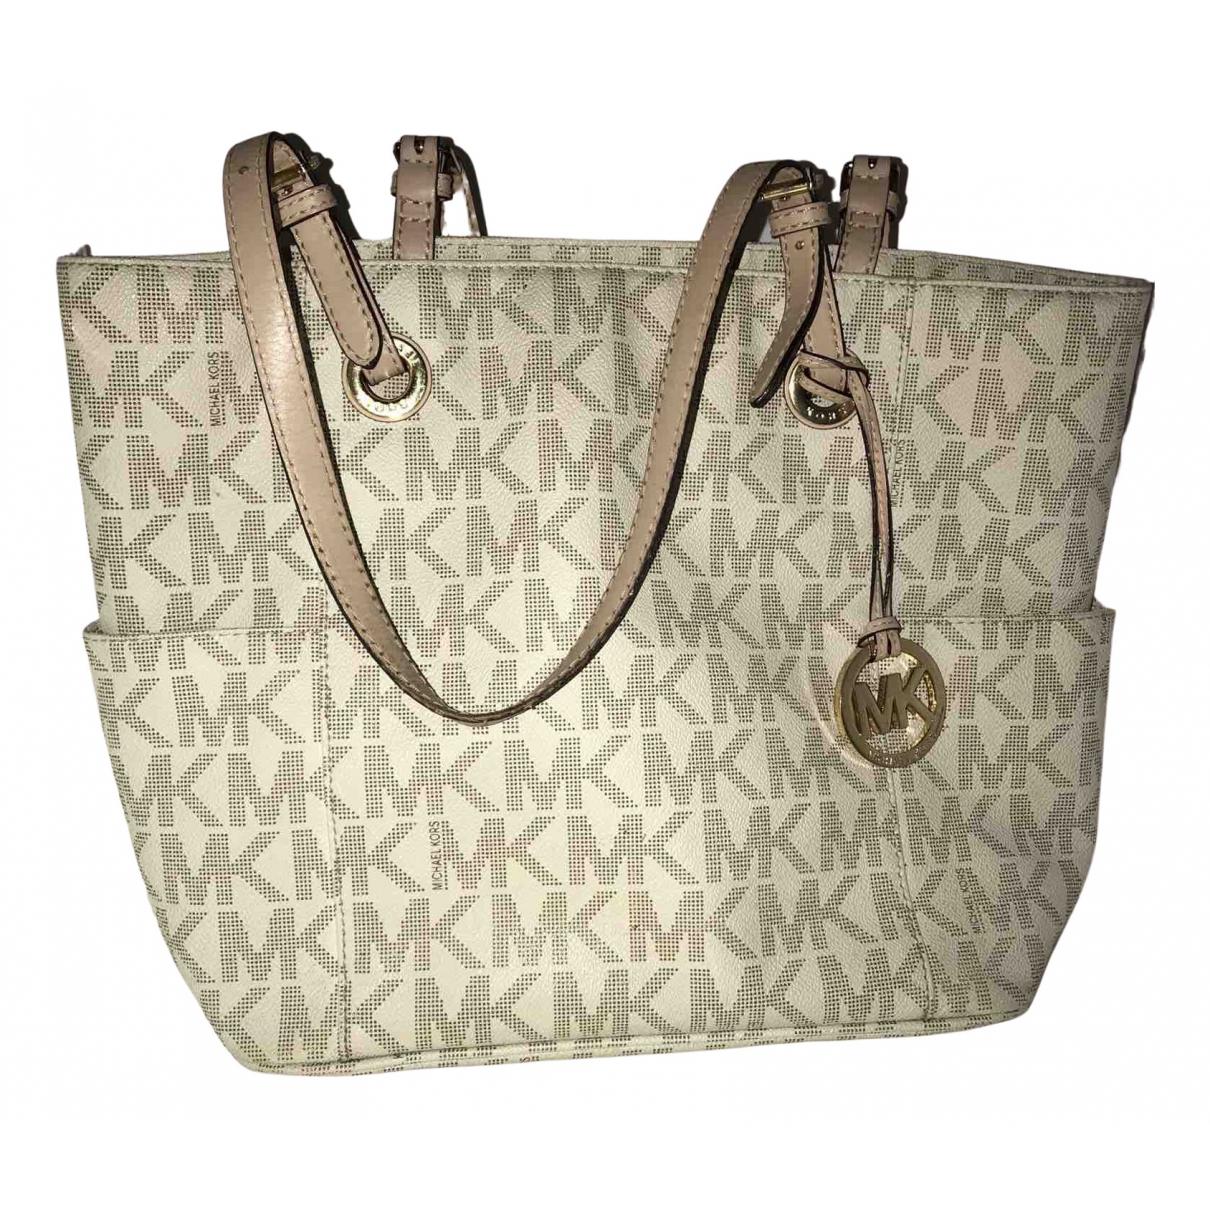 Michael Kors Whitney Handtasche in Leder